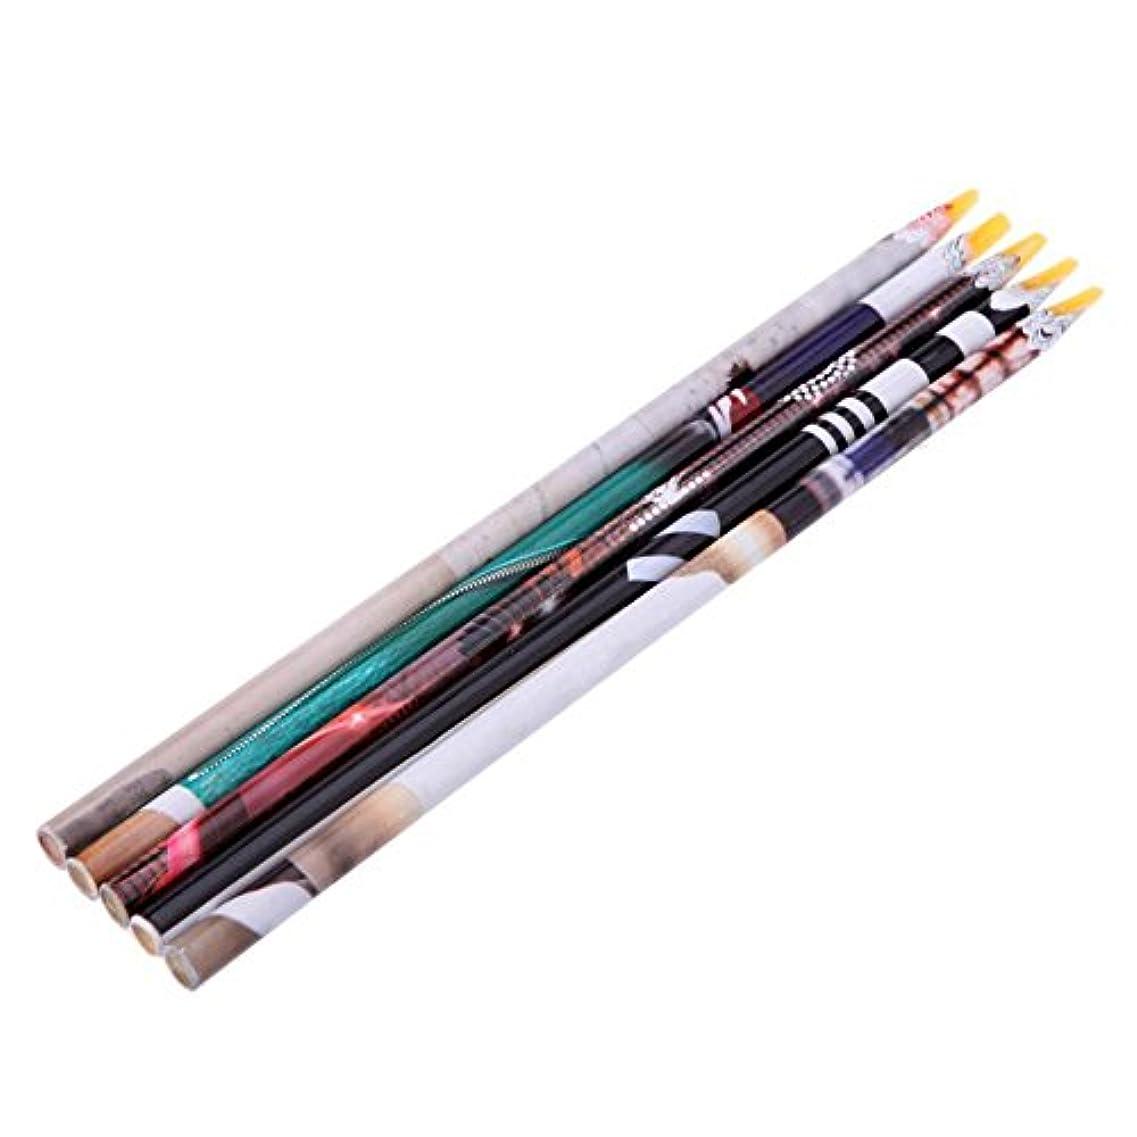 ビートみなさん吐くNice Days(ナイス ディズ) マジカルペンシル ネイル アート 便利 グッズ デコ レンジ マジックペン アート マジック ペン ネイルツール ネイルアート用 ネイルアート マジックペン 2本入